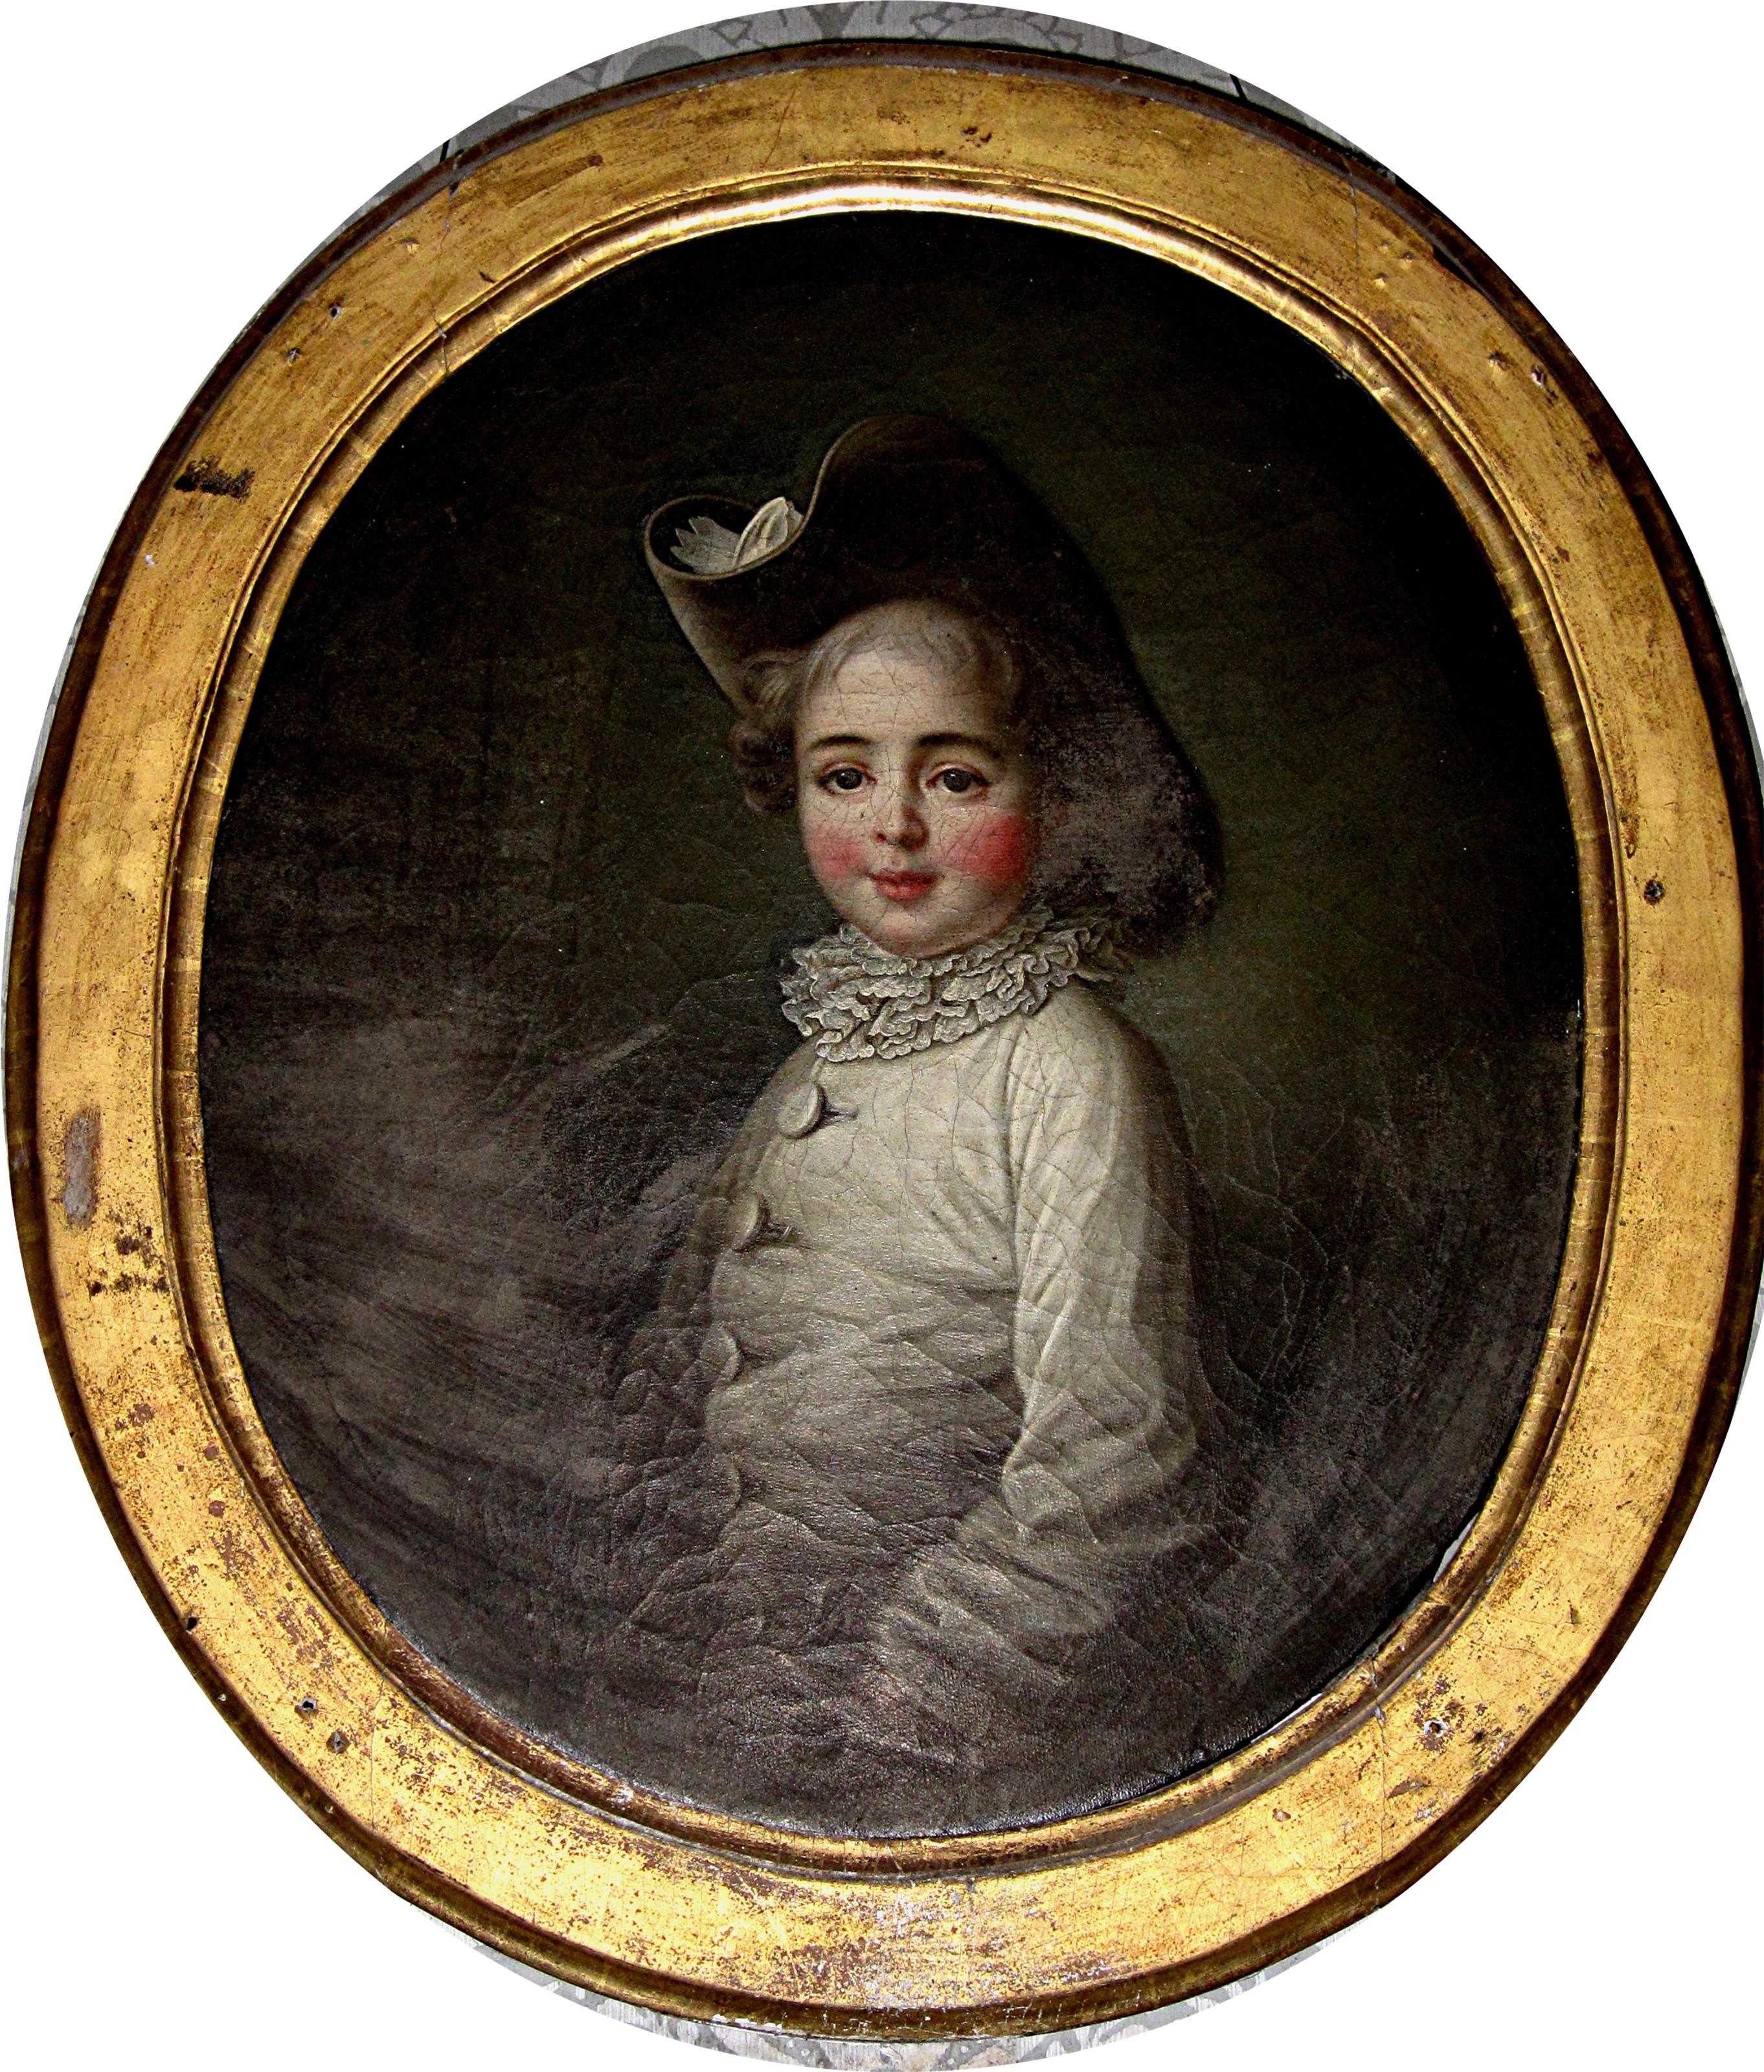 Tableau et son cadre : portrait de Marie-Jean Hérault de Séchelles enfant